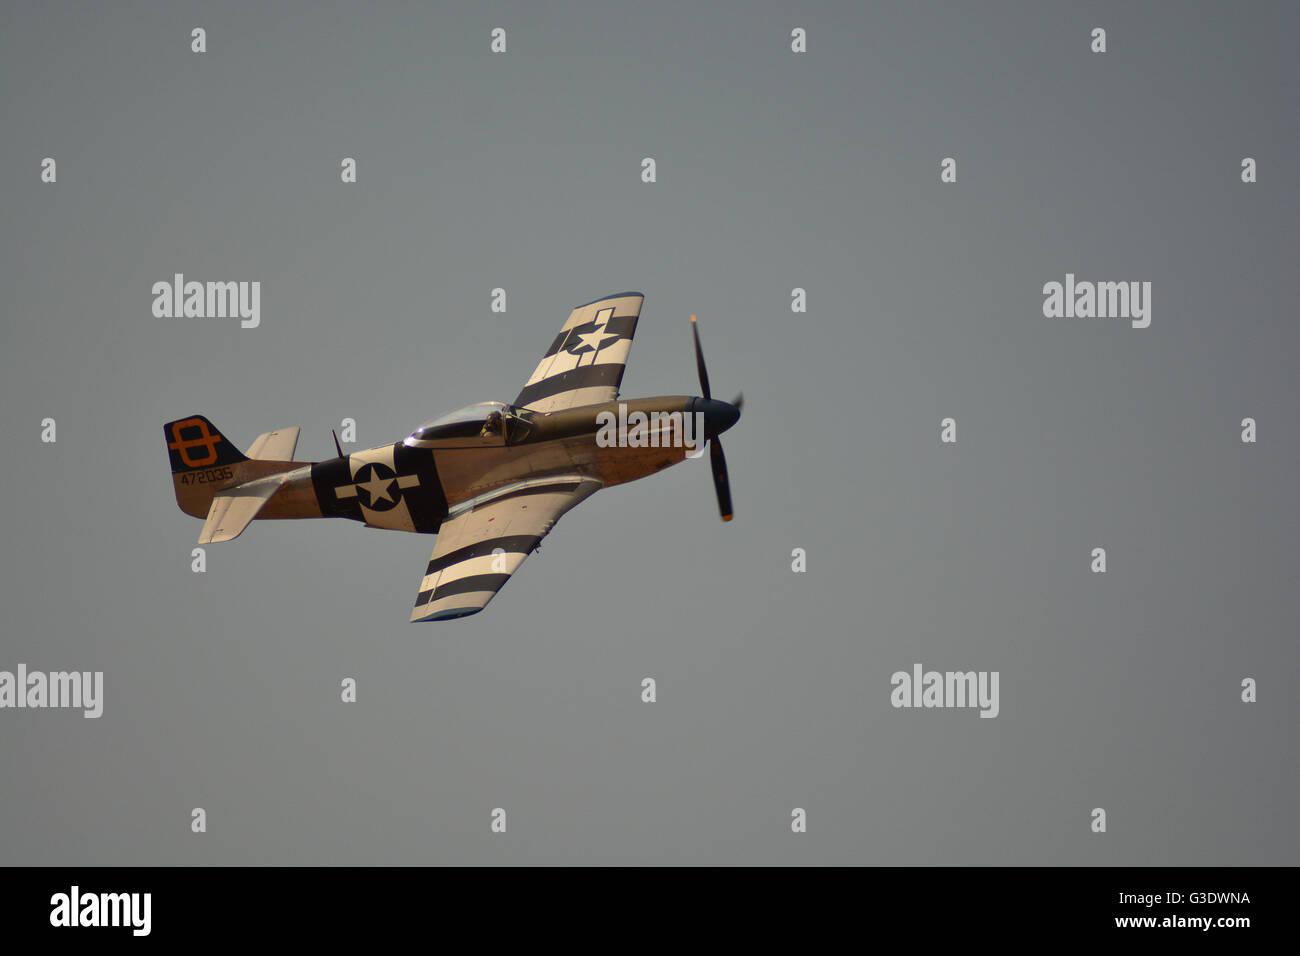 USAF p47 mustang at airshow - Stock Image